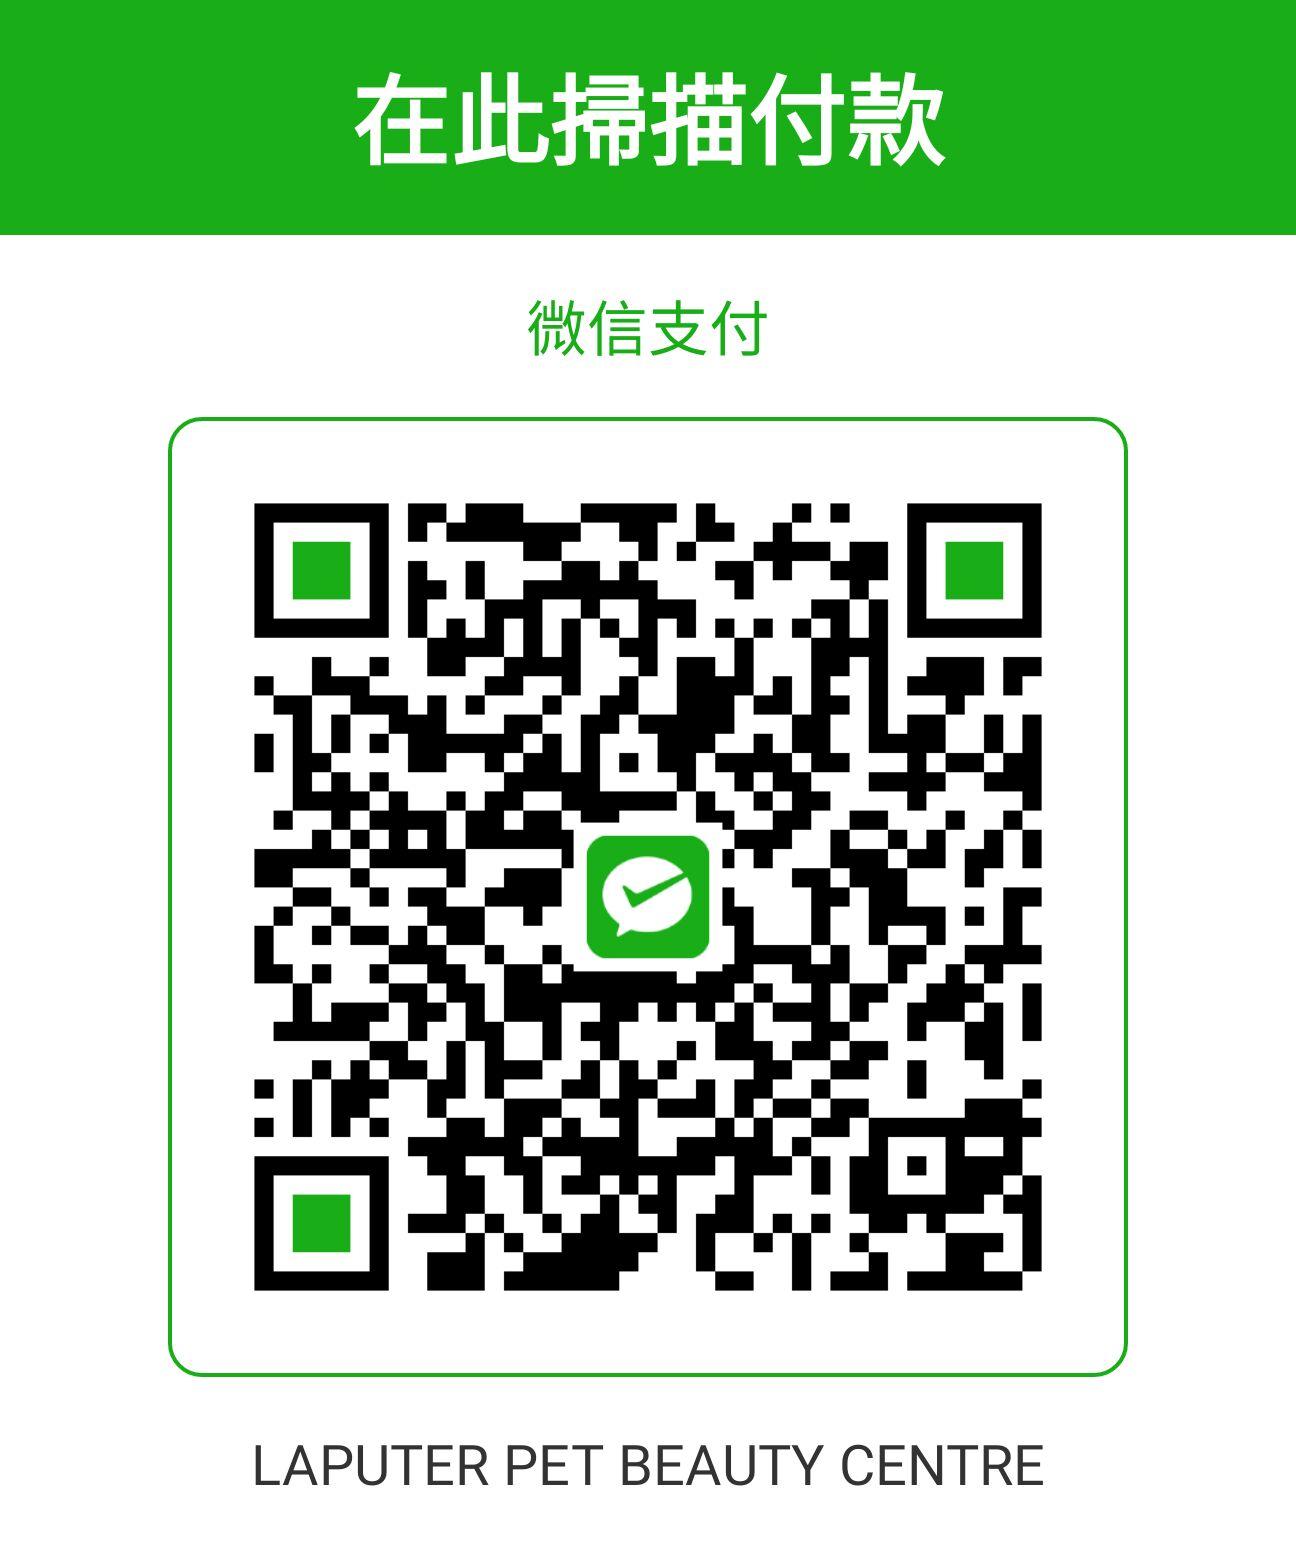 whatsapp-image-2019-08-30-at-12.09.22-1-.jpeg